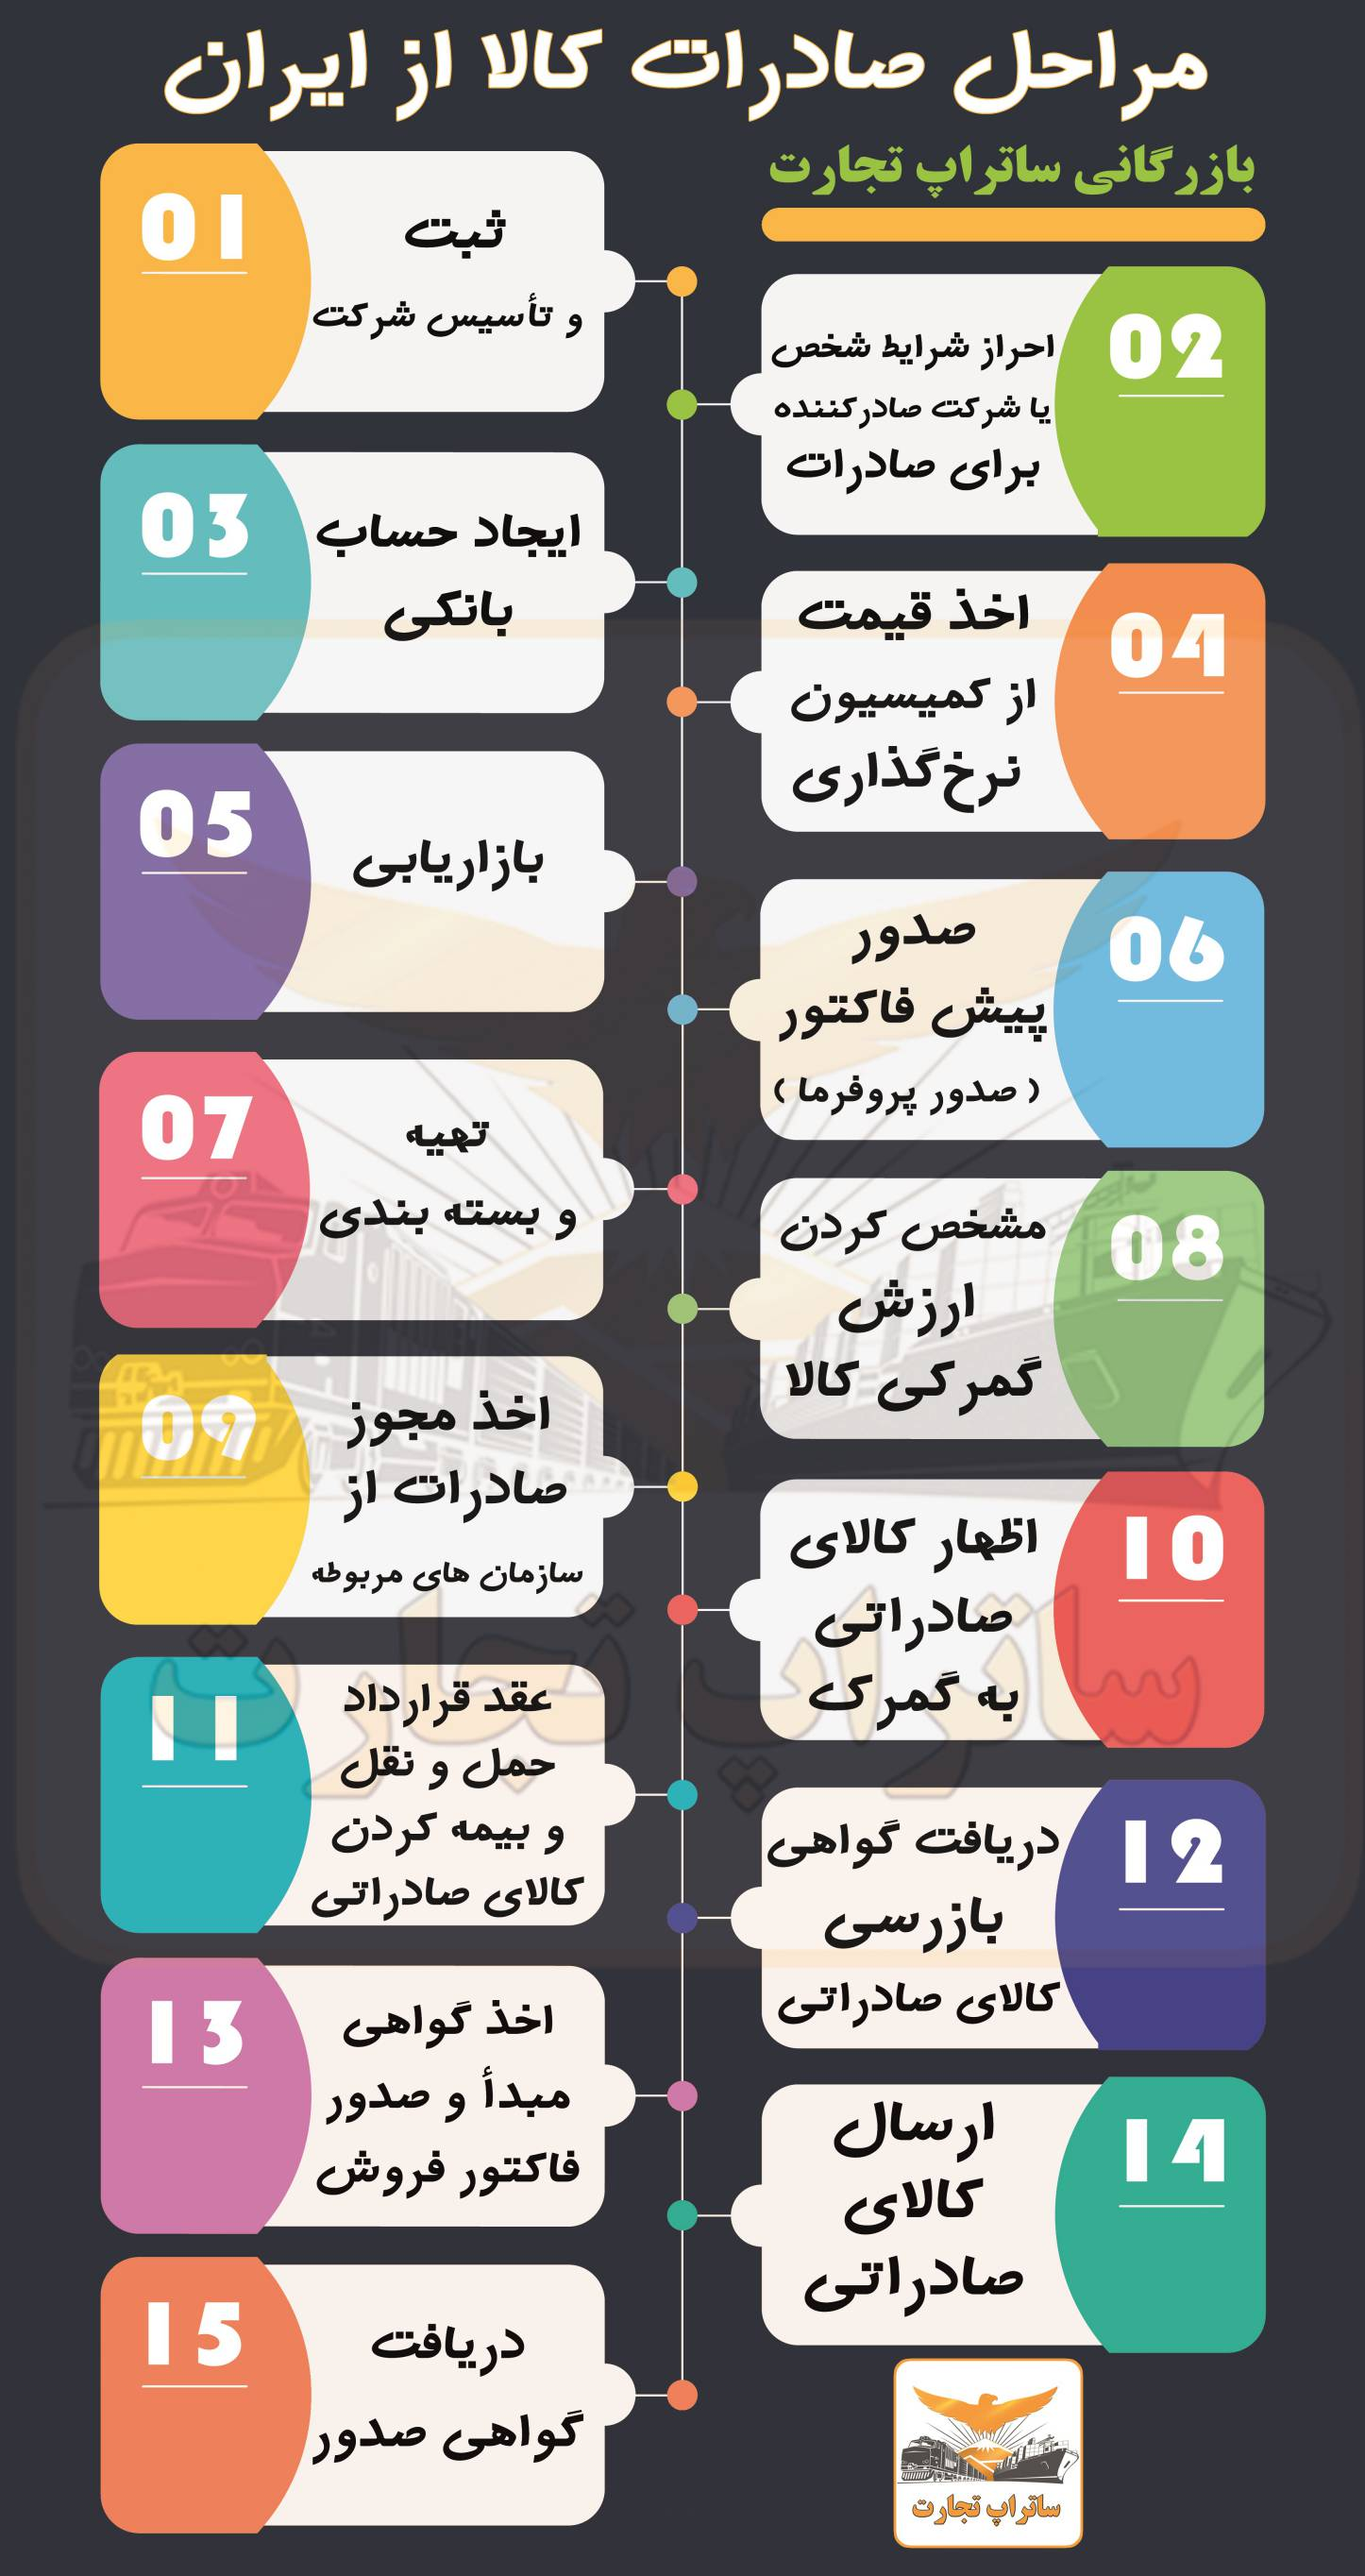 مراحل صادرات کالا در ایران